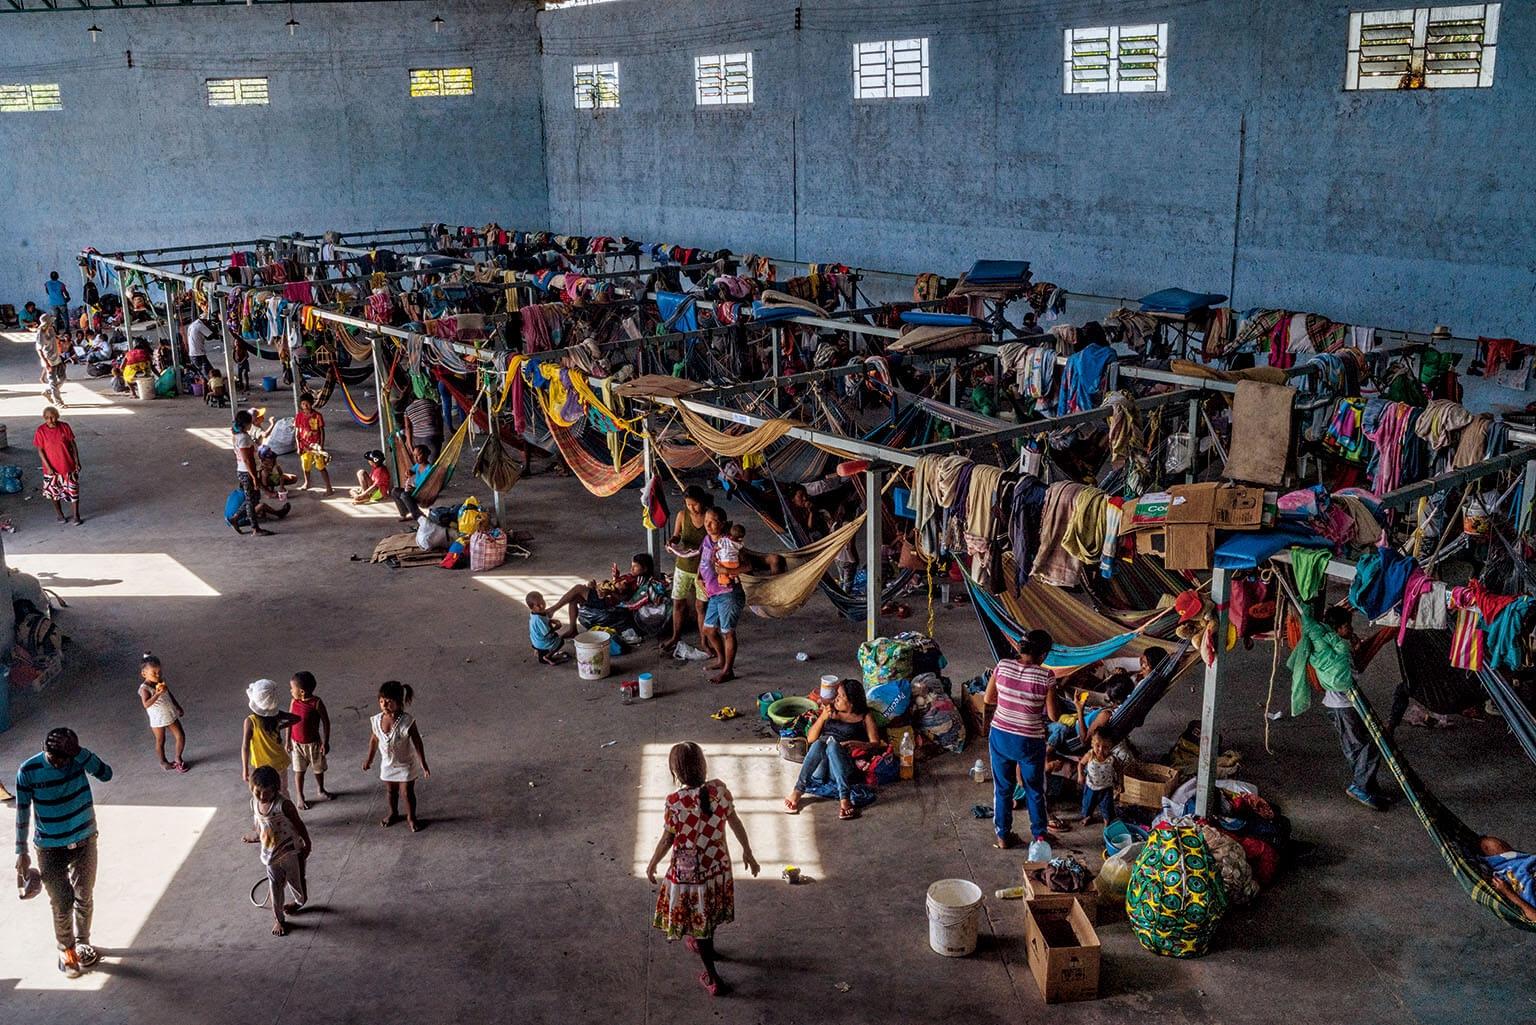 約500名瓦老族人住在巴西帕卡來馬的收容所。收容所由混凝土建造,設有吊床和帳篷,擁擠和不衛生的居住環境已導致疾病蔓延。攝影: 菲德利科.里歐斯 FEDERICO RIOS